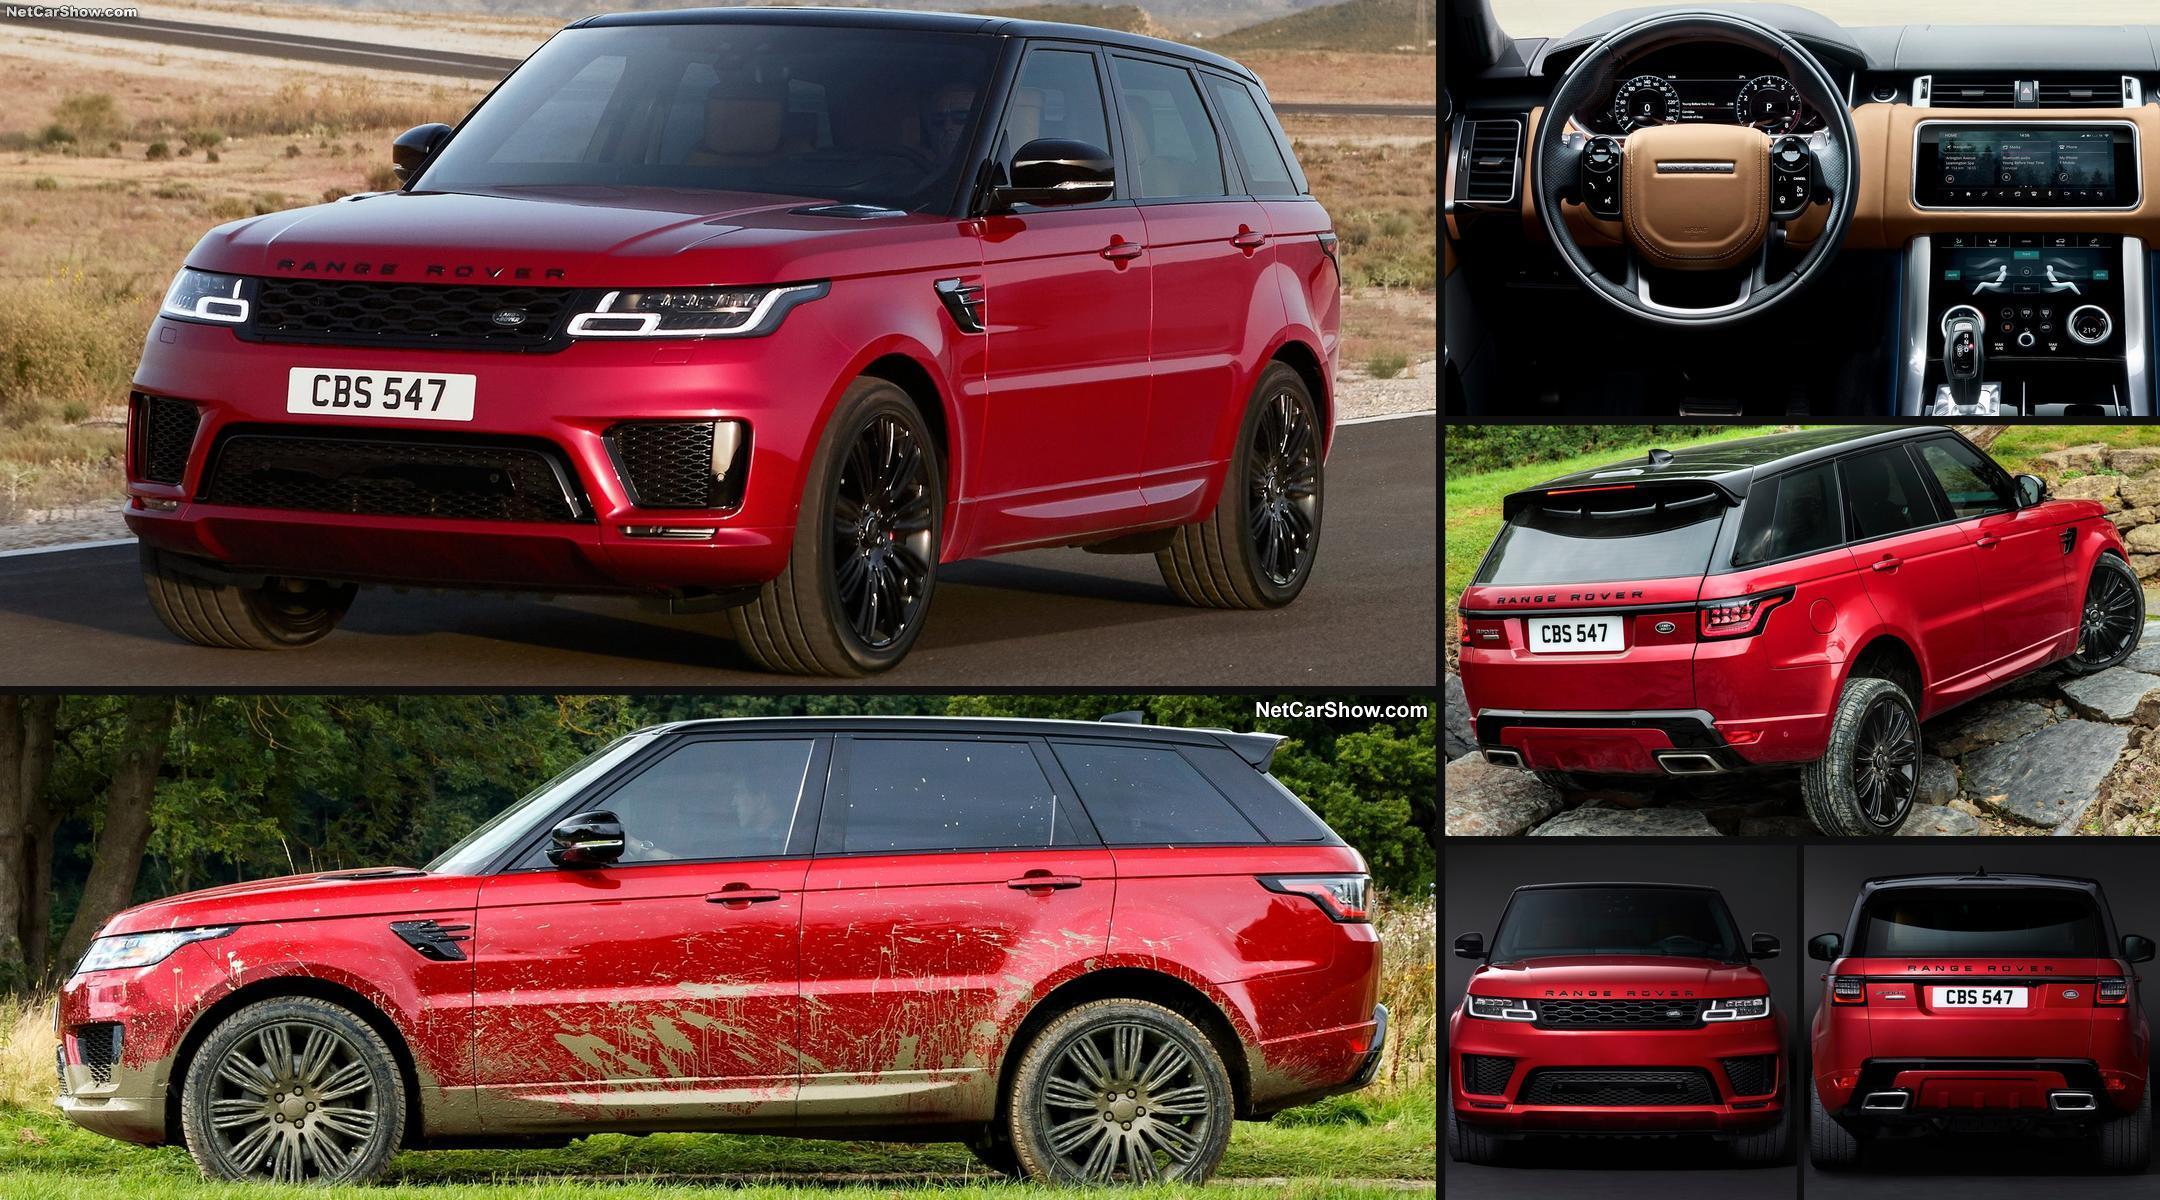 El fabricante británico vuelca en el Range Rover Sport toda la modernidad y será el primer modelo en utilizar la tecnología hibrida enchufable.